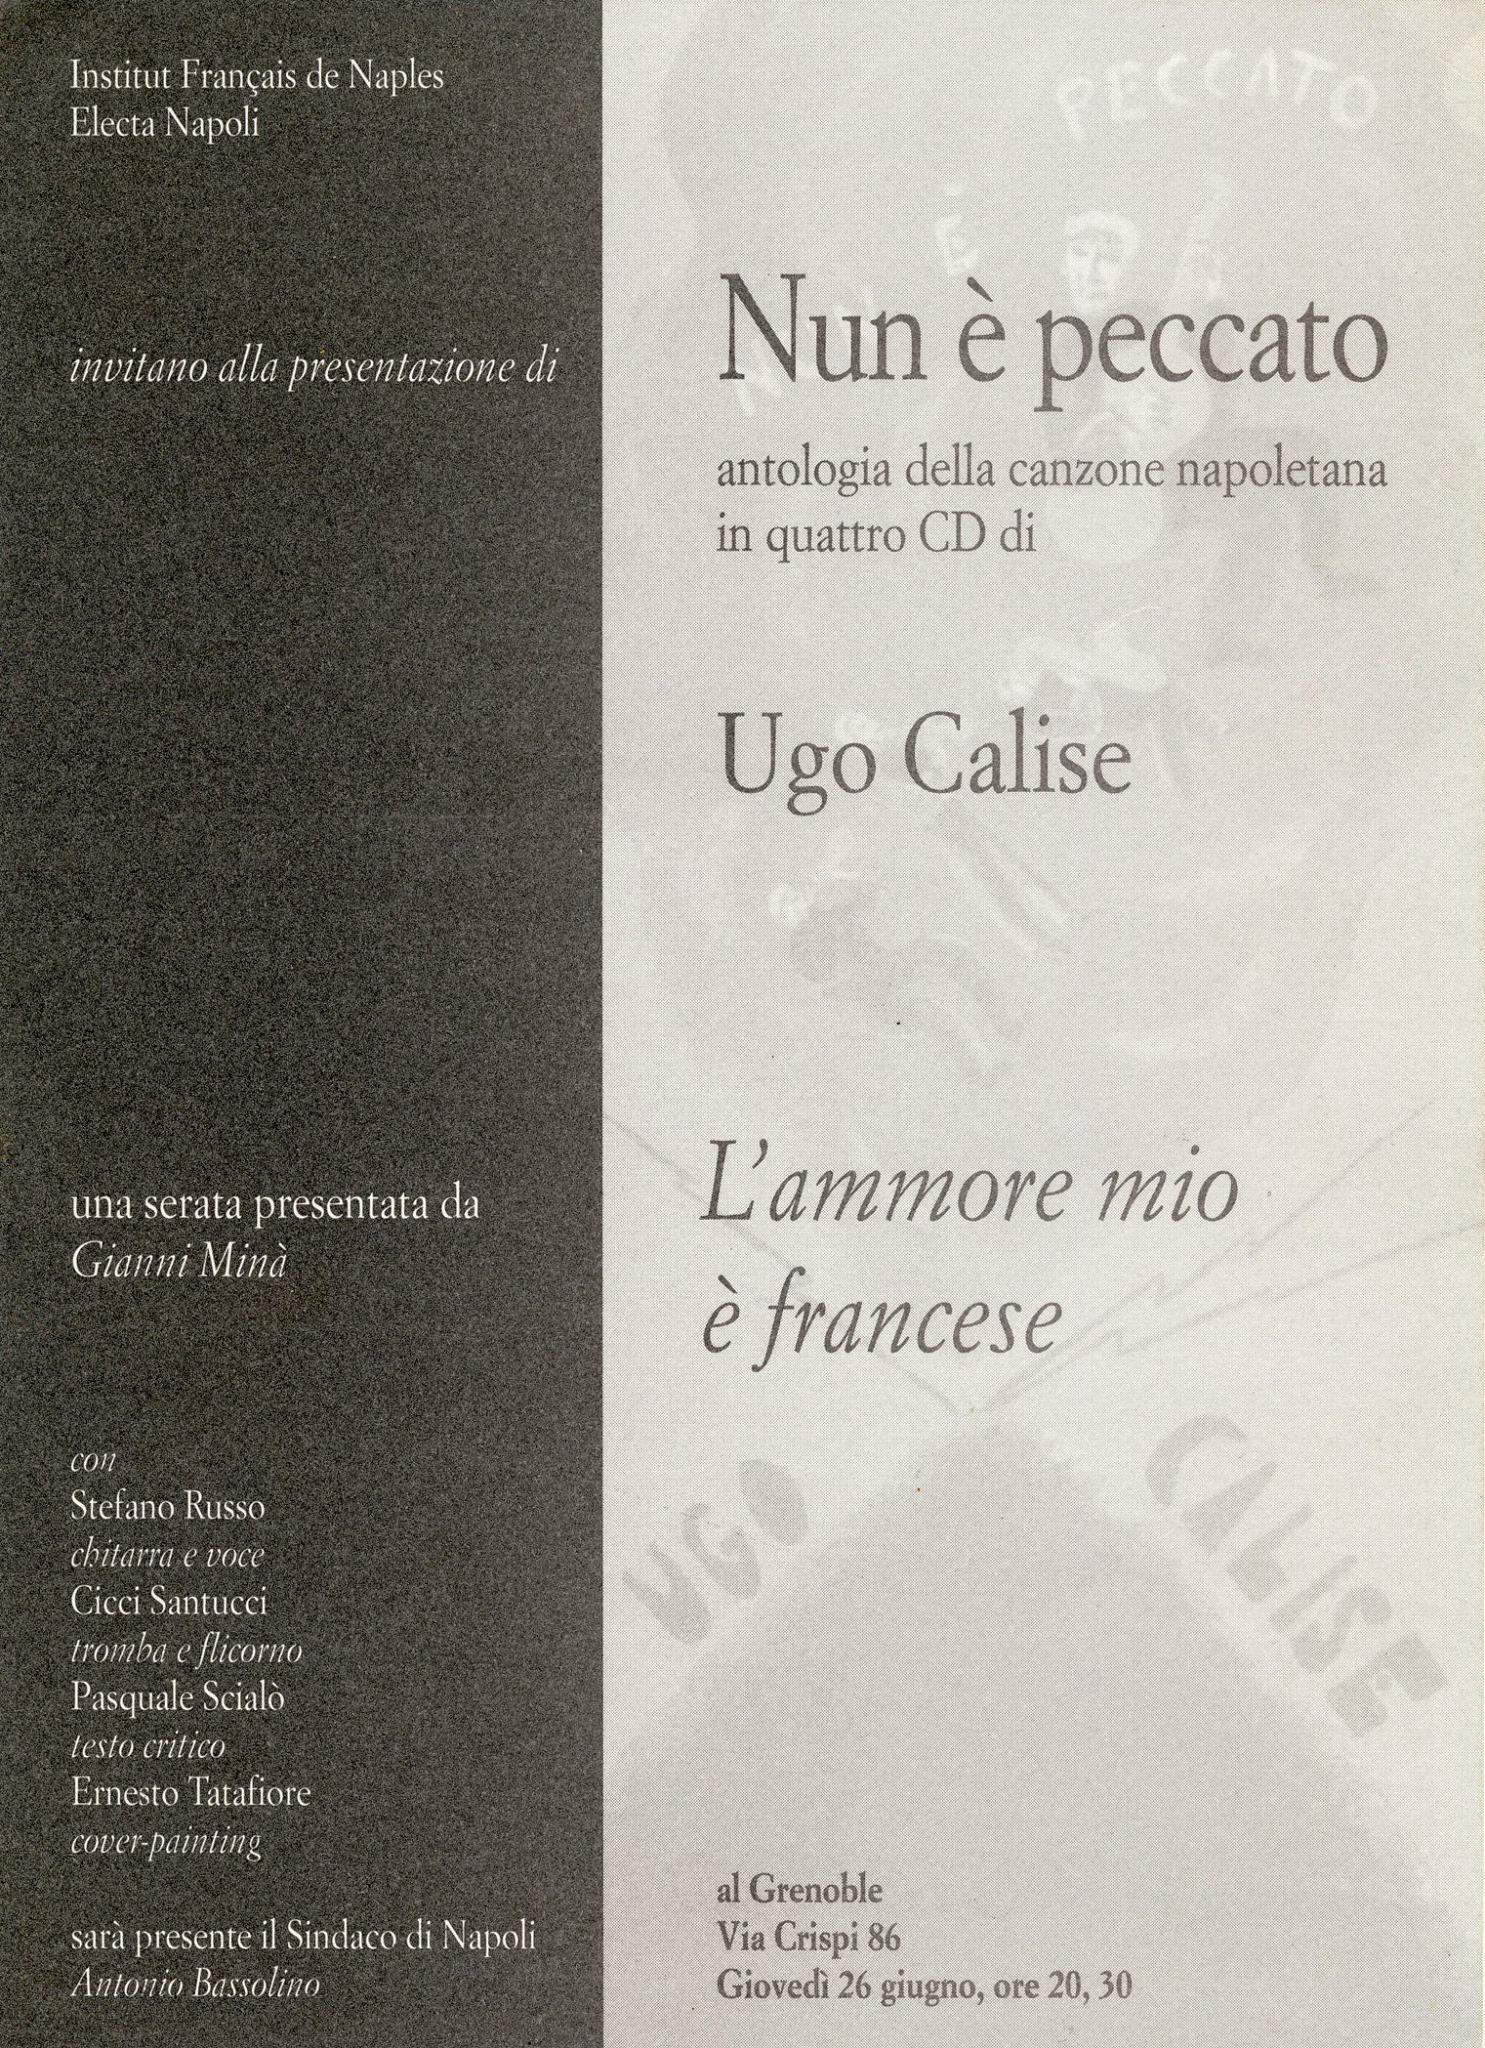 Invito alla presentazione dell'antologia di Ugo Calise